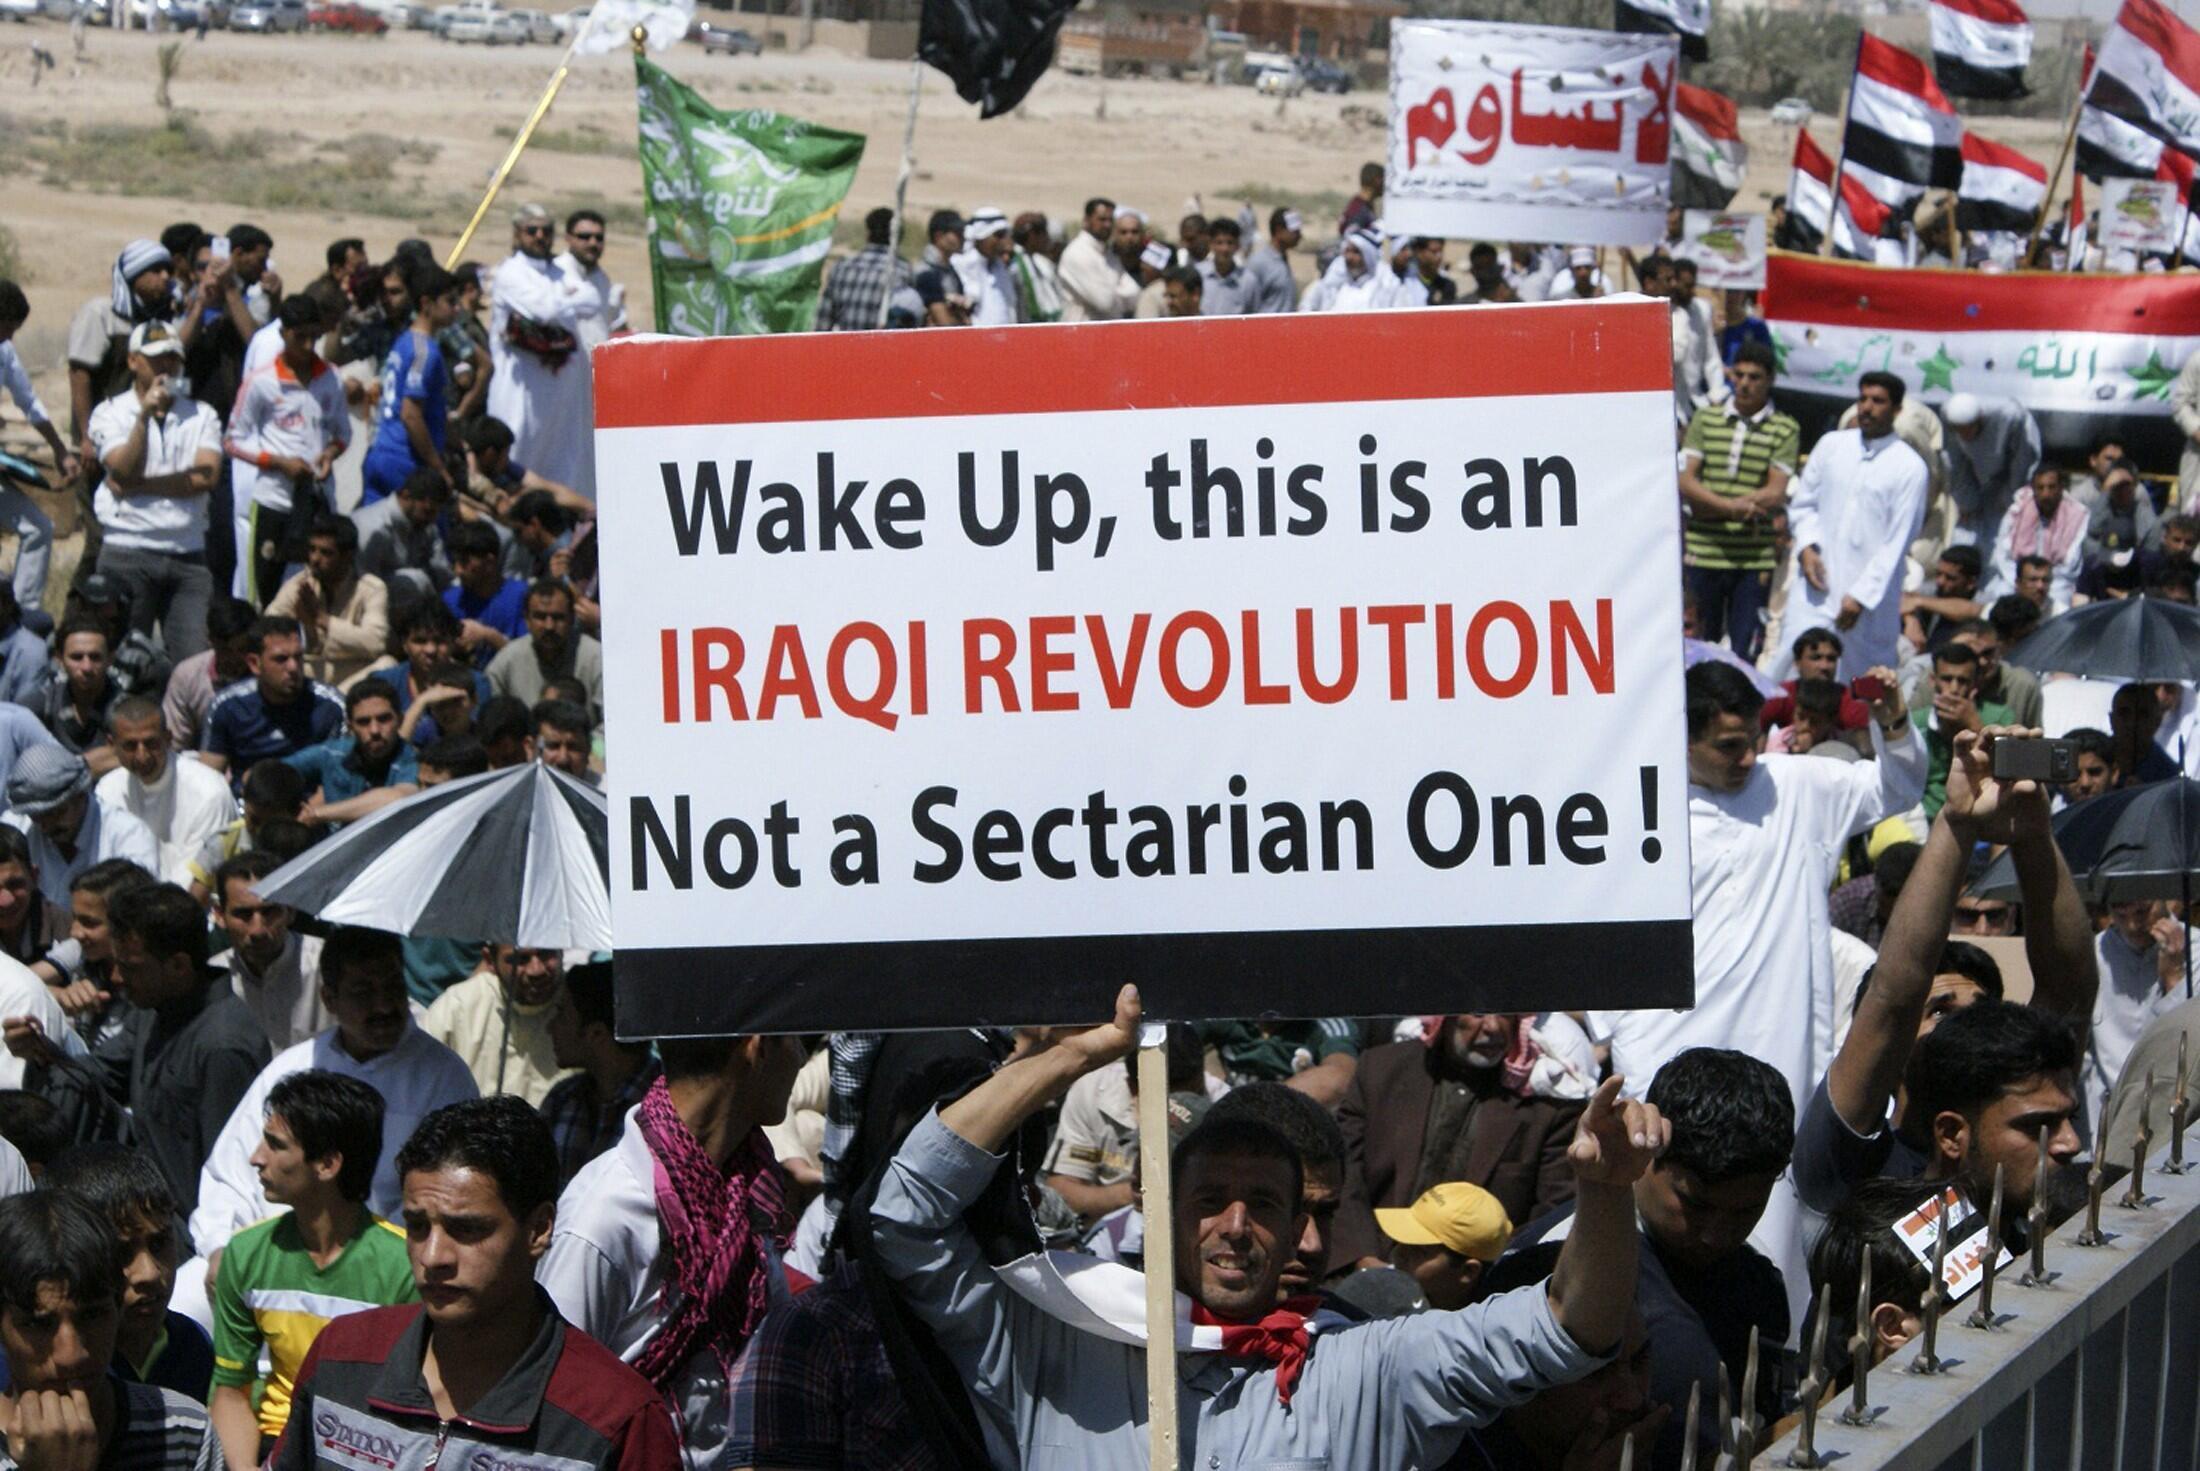 Манифестация суннитов Ирака против правительства в эль-Фаллудже 6 апреля 2013